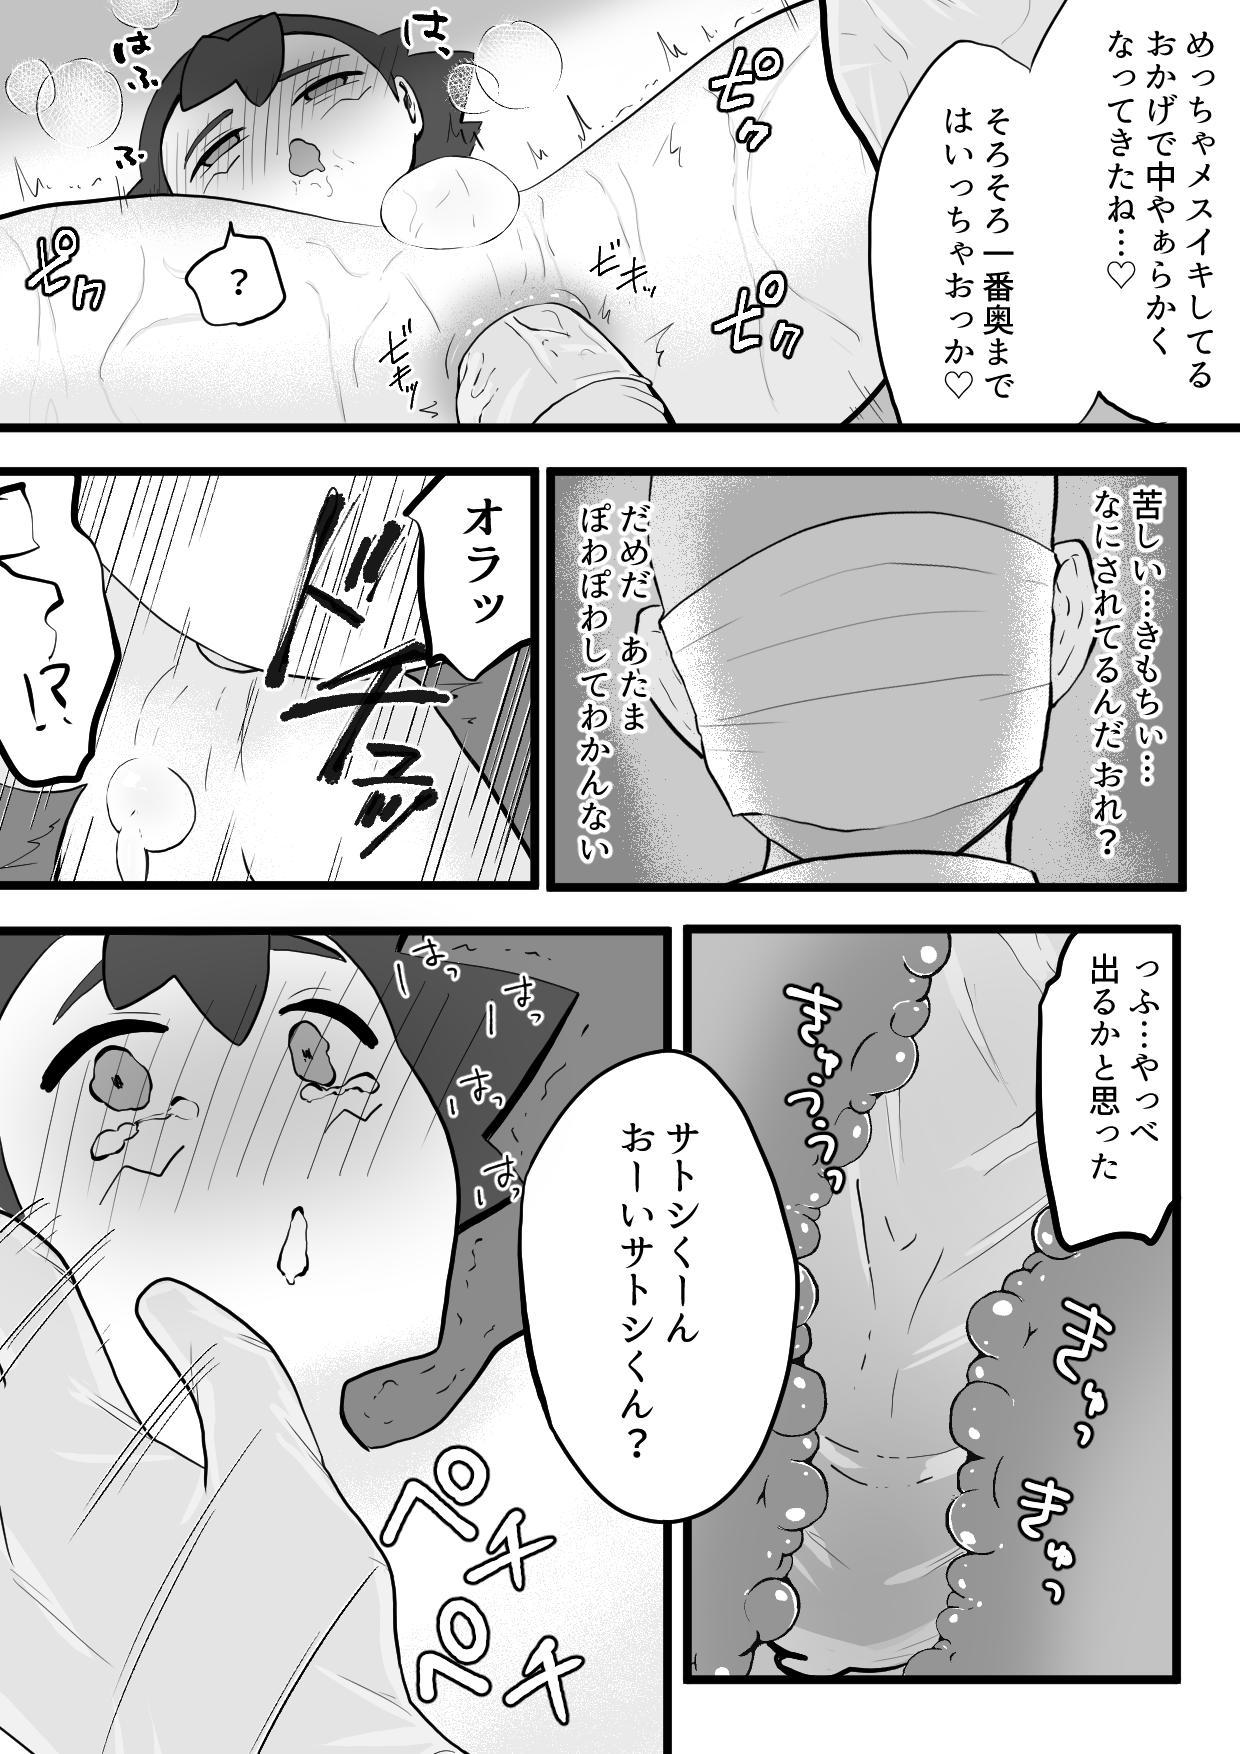 Satoshi-kun ga Gararu no Koukyuu Massage ni Iku Hanashi 15